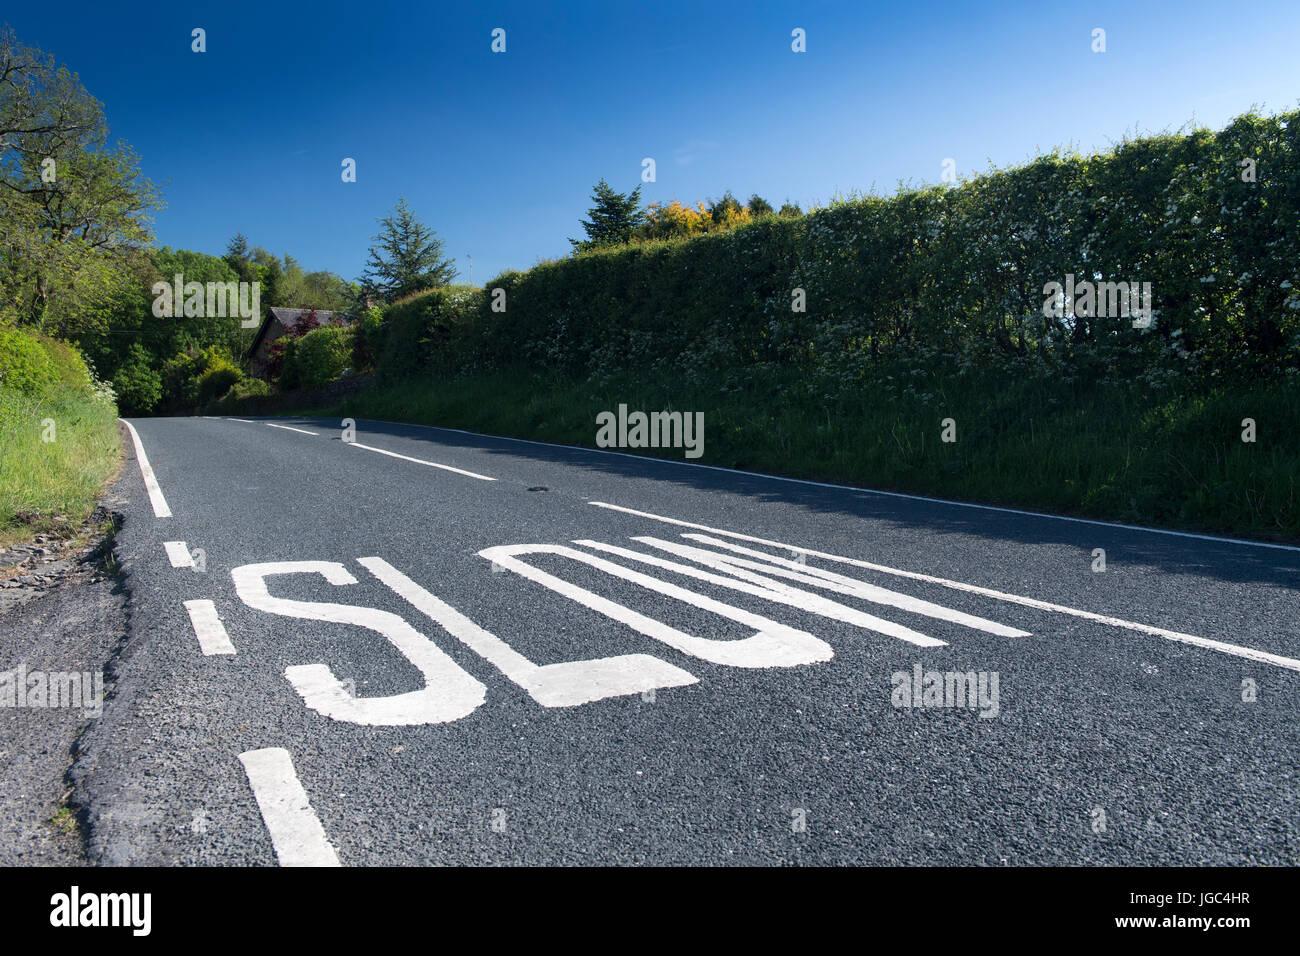 Le marquage routier lente sur une route rurale dans le Lancashire, Royaume-Uni. Photo Stock